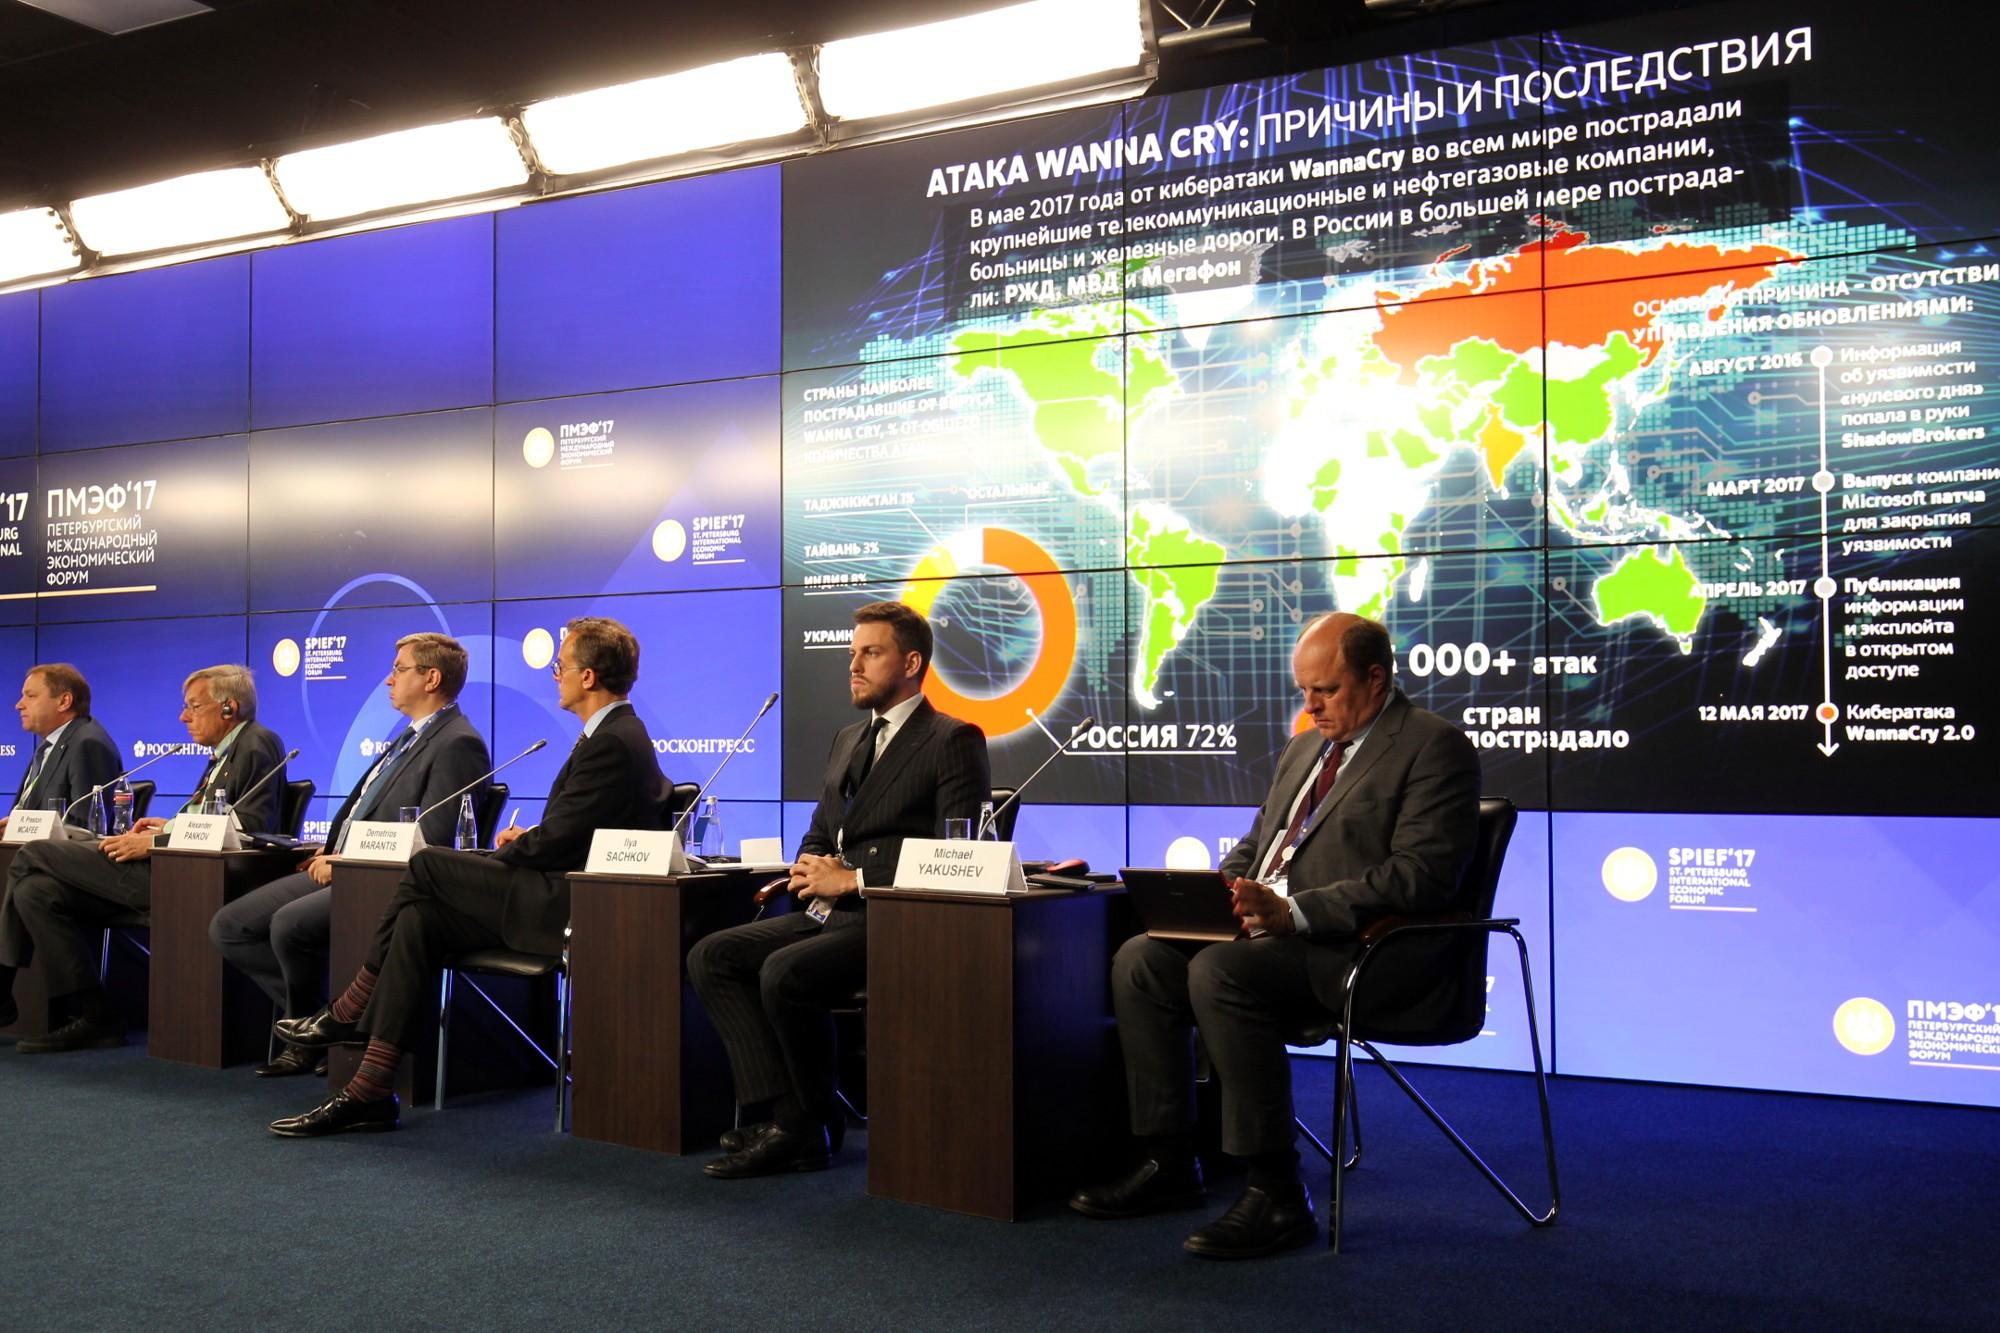 петербургский международный экономический форум пмэф круглый стол IT-безопасность киберпреступность